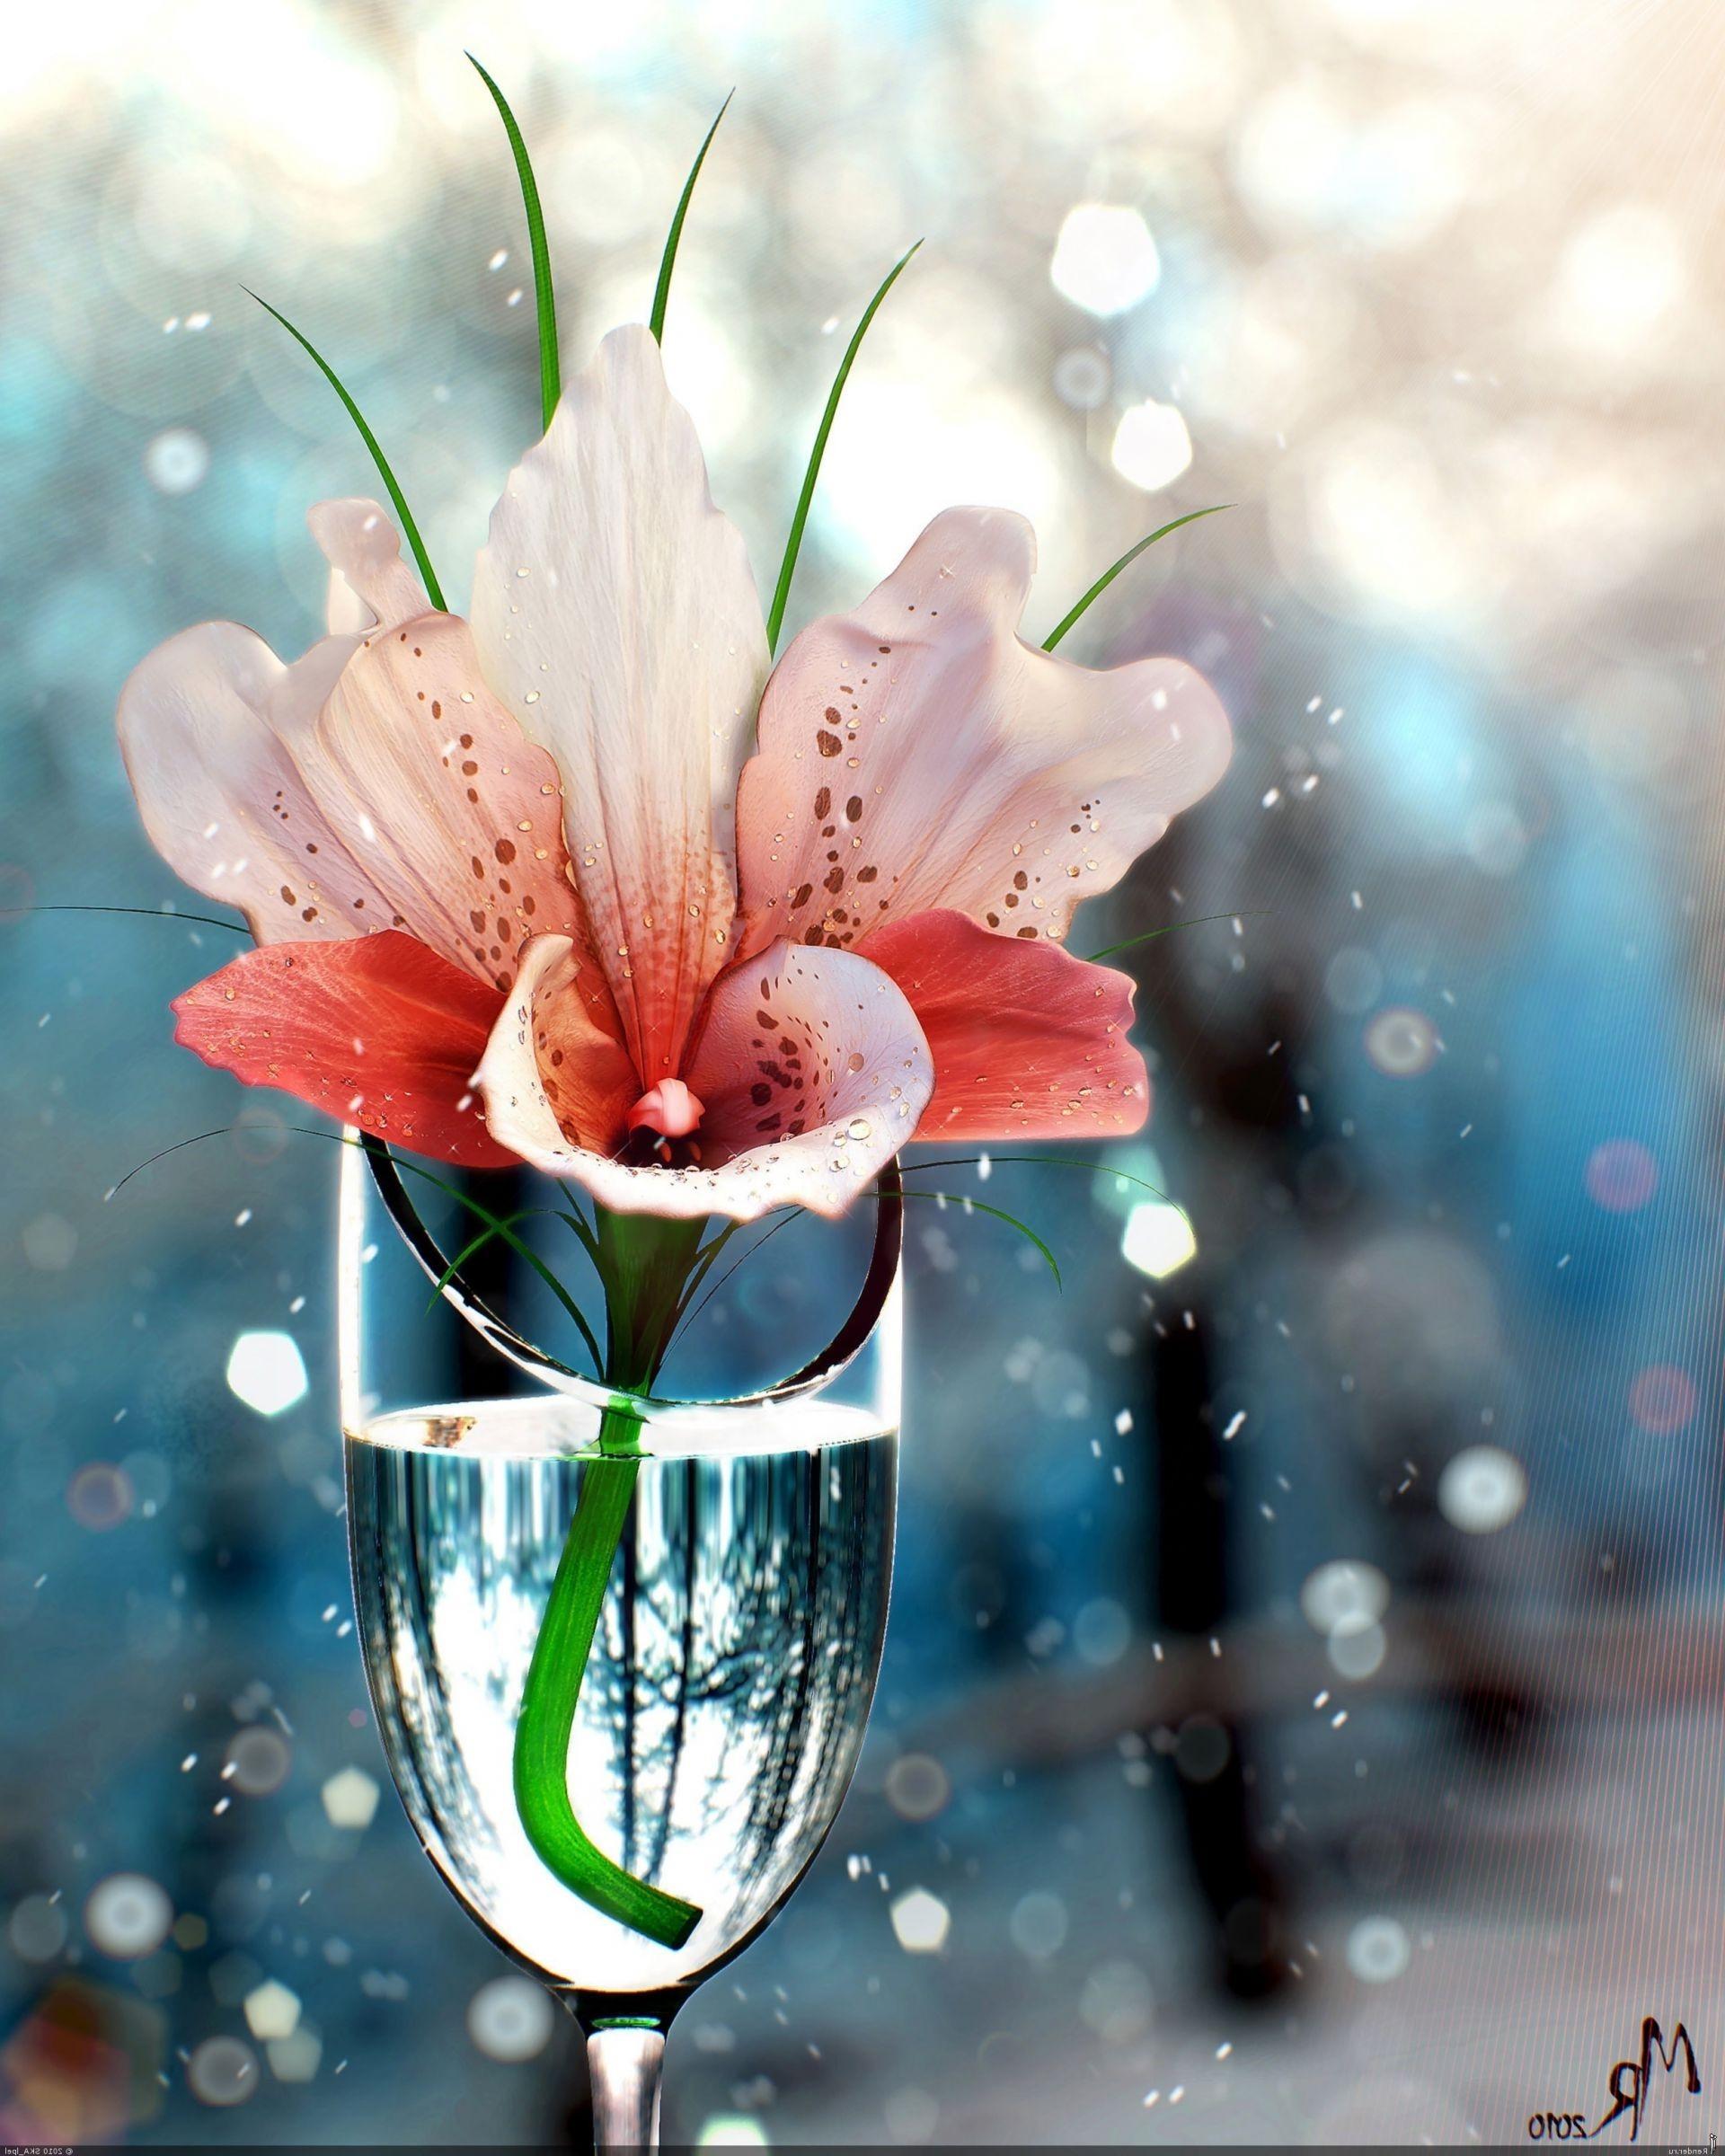 Тему, открытки цветы на воде